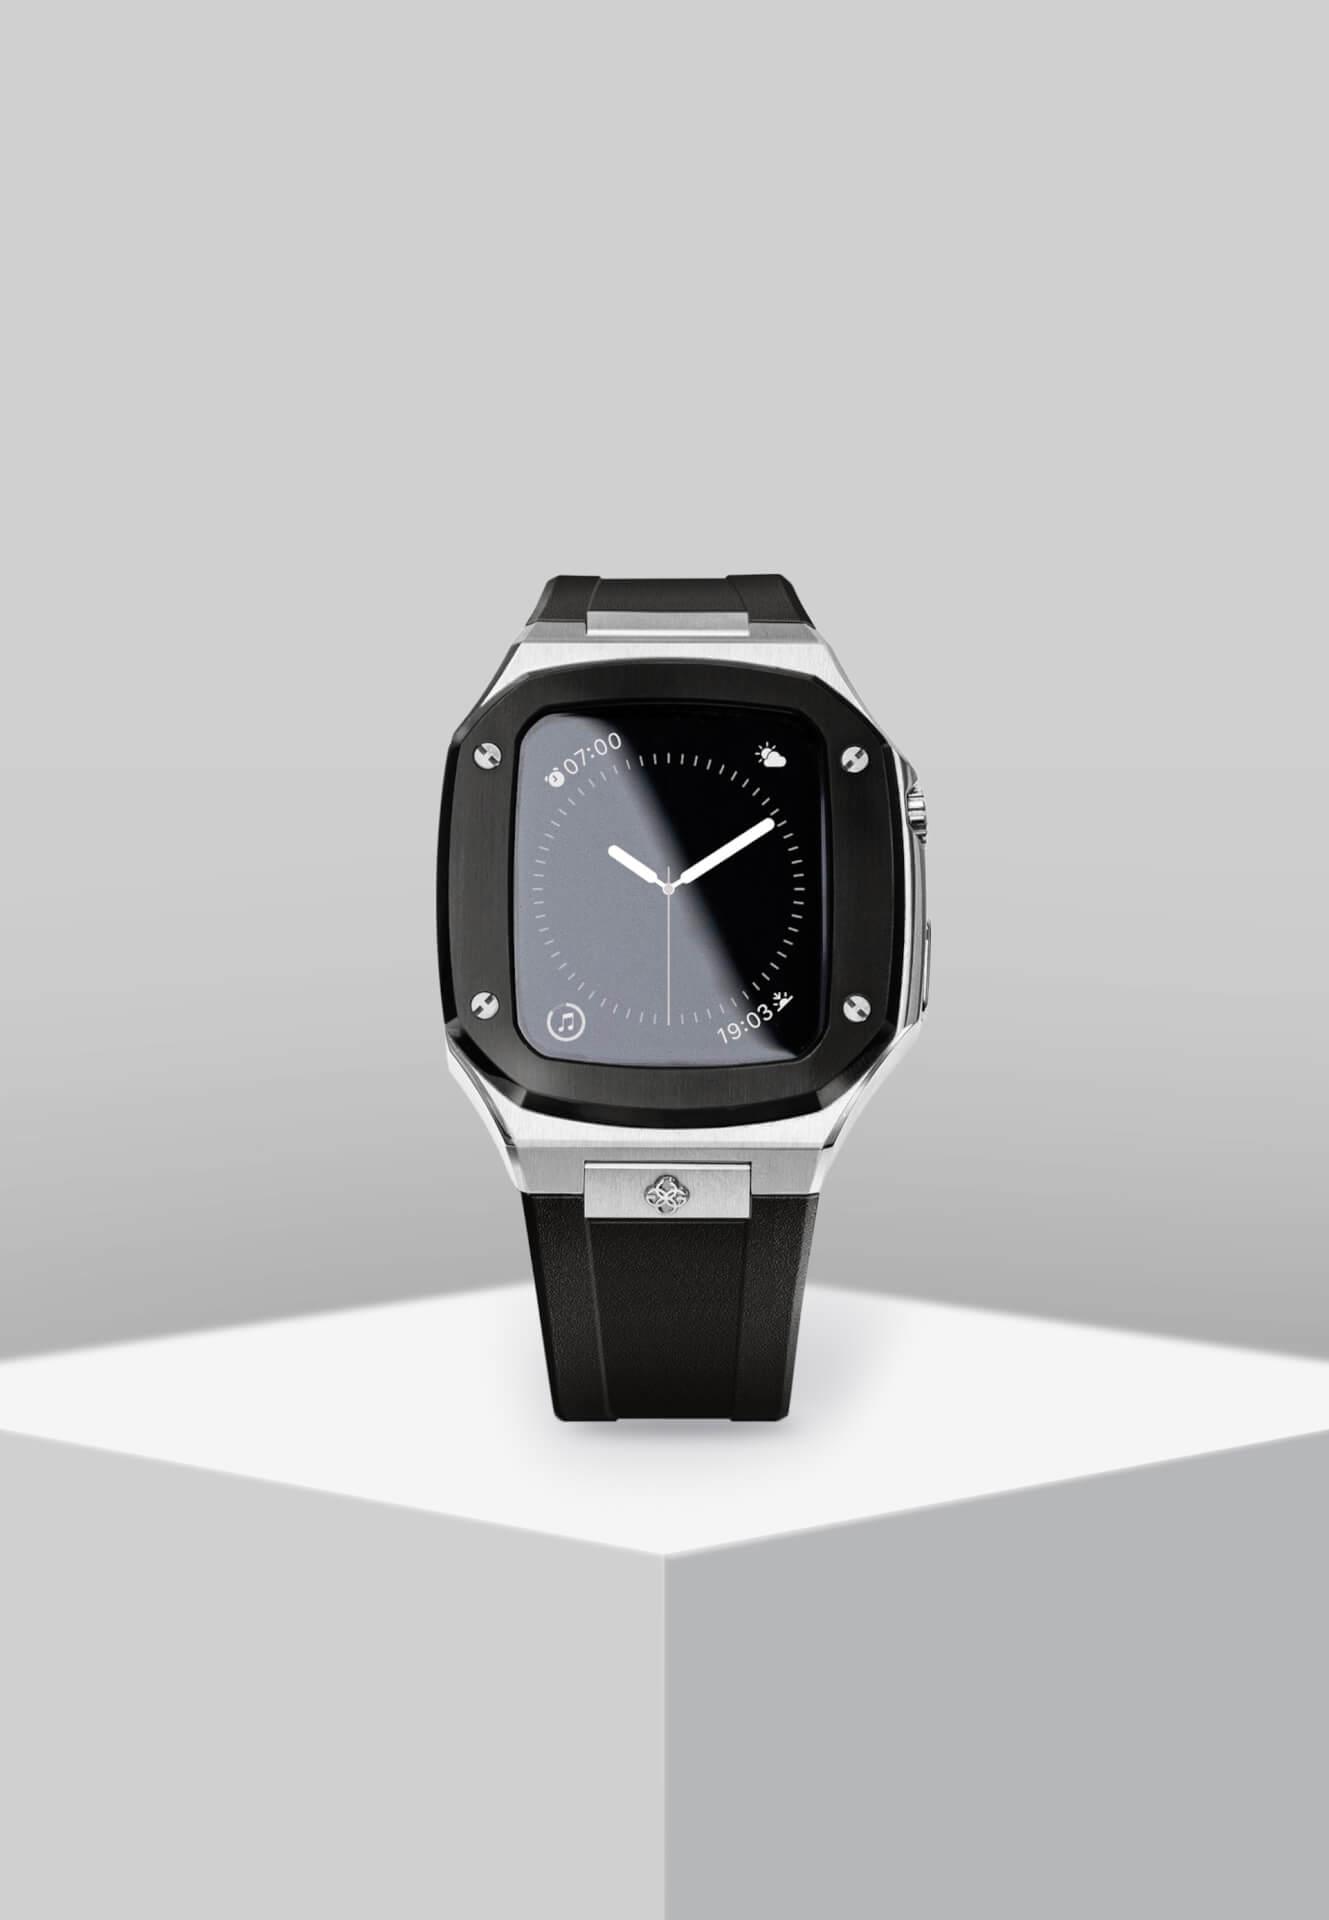 高級感漂うGOLDEN CONCEPTのApple Watchケースに待望の40mm用新コレクションが登場!ホワイト、イエローなどの新カラーがラインナップ tech201124_applewatch_case_15